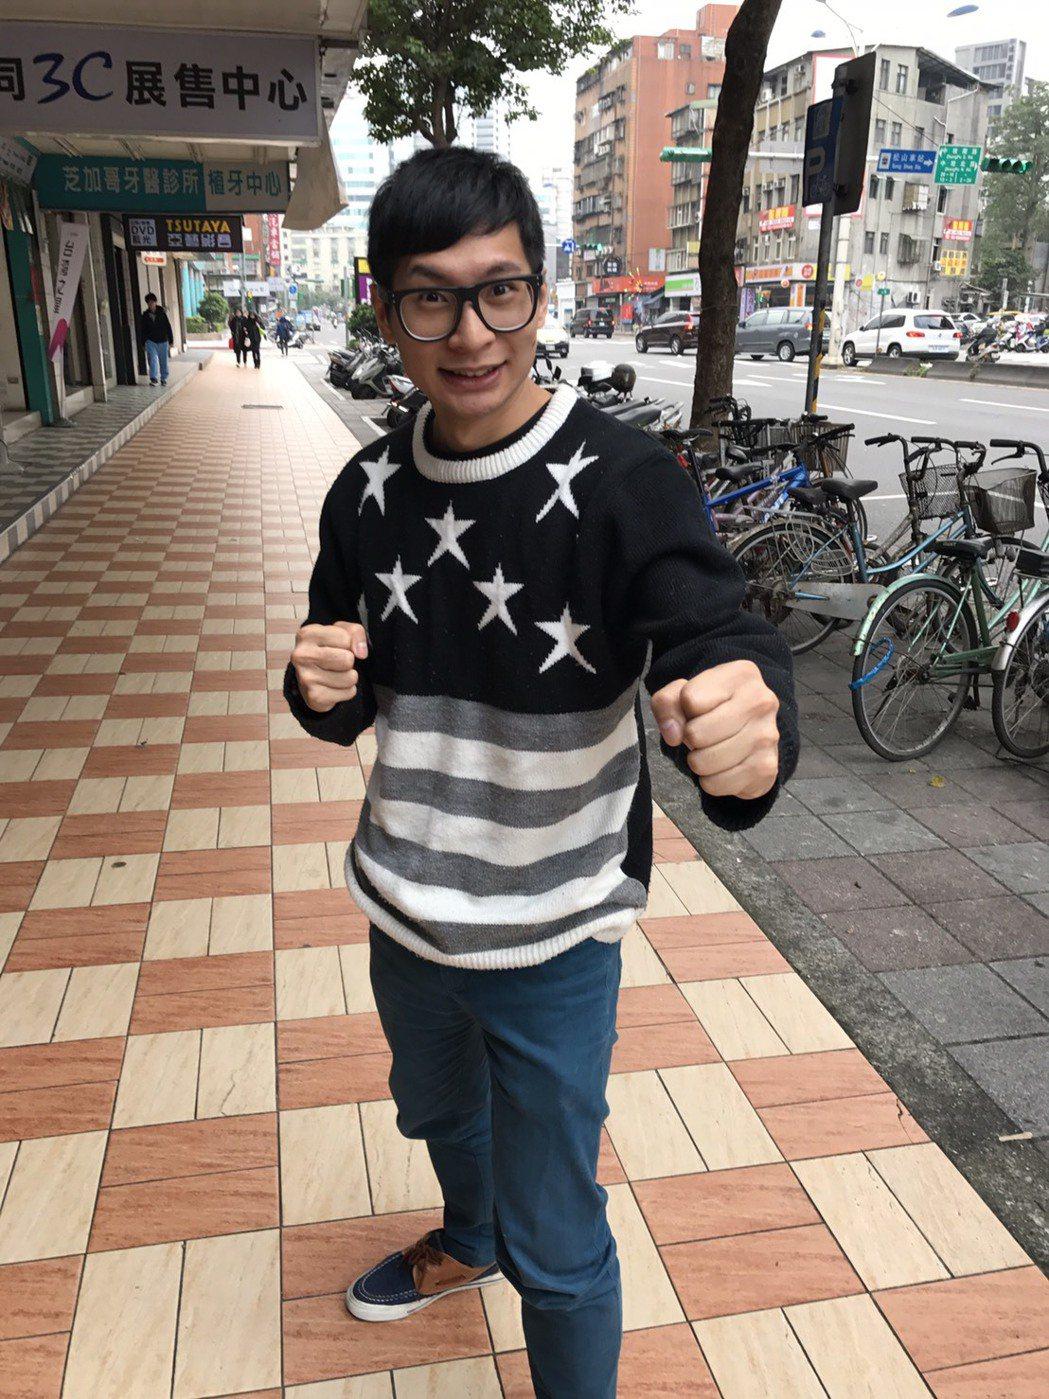 逸祥在軍中也沒少鍛練,他努力健身,體格比過去好很多。記者葉君遠/攝影